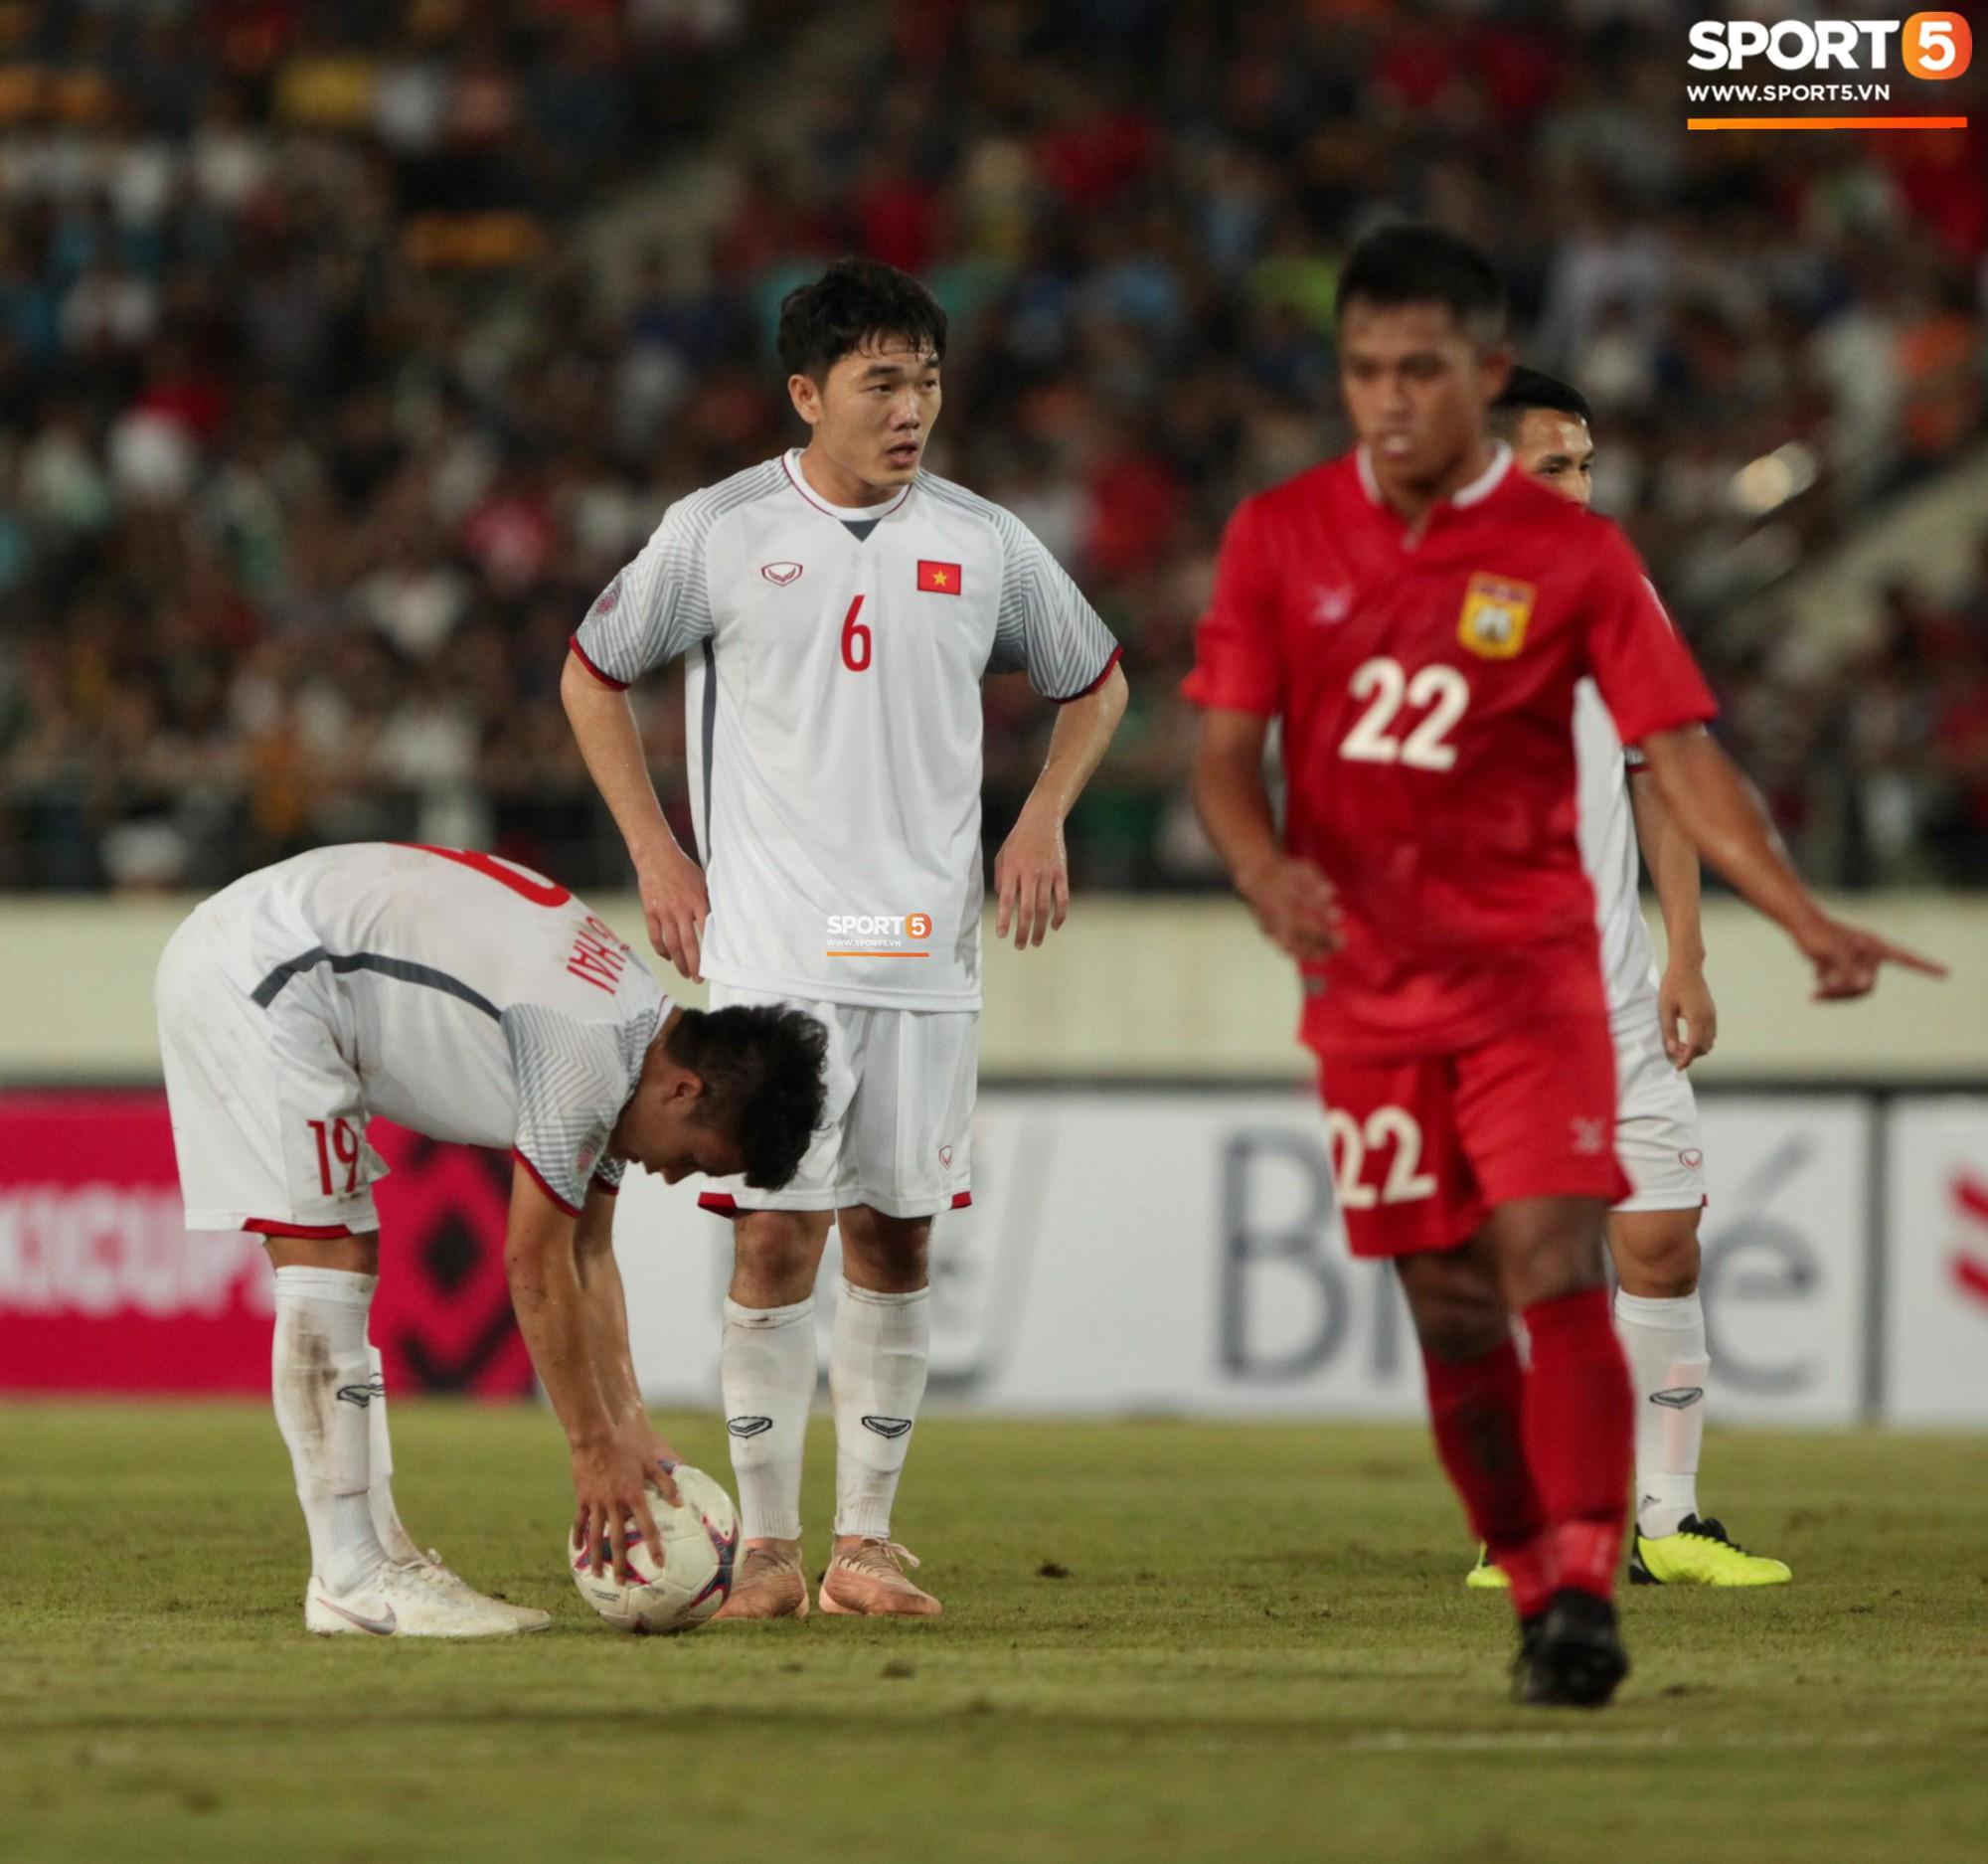 Cậu út của tuyển Việt Nam muốn tái hiện bàn tay của chúa trong trận mở màn AFF Cup 2018 - Ảnh 11.